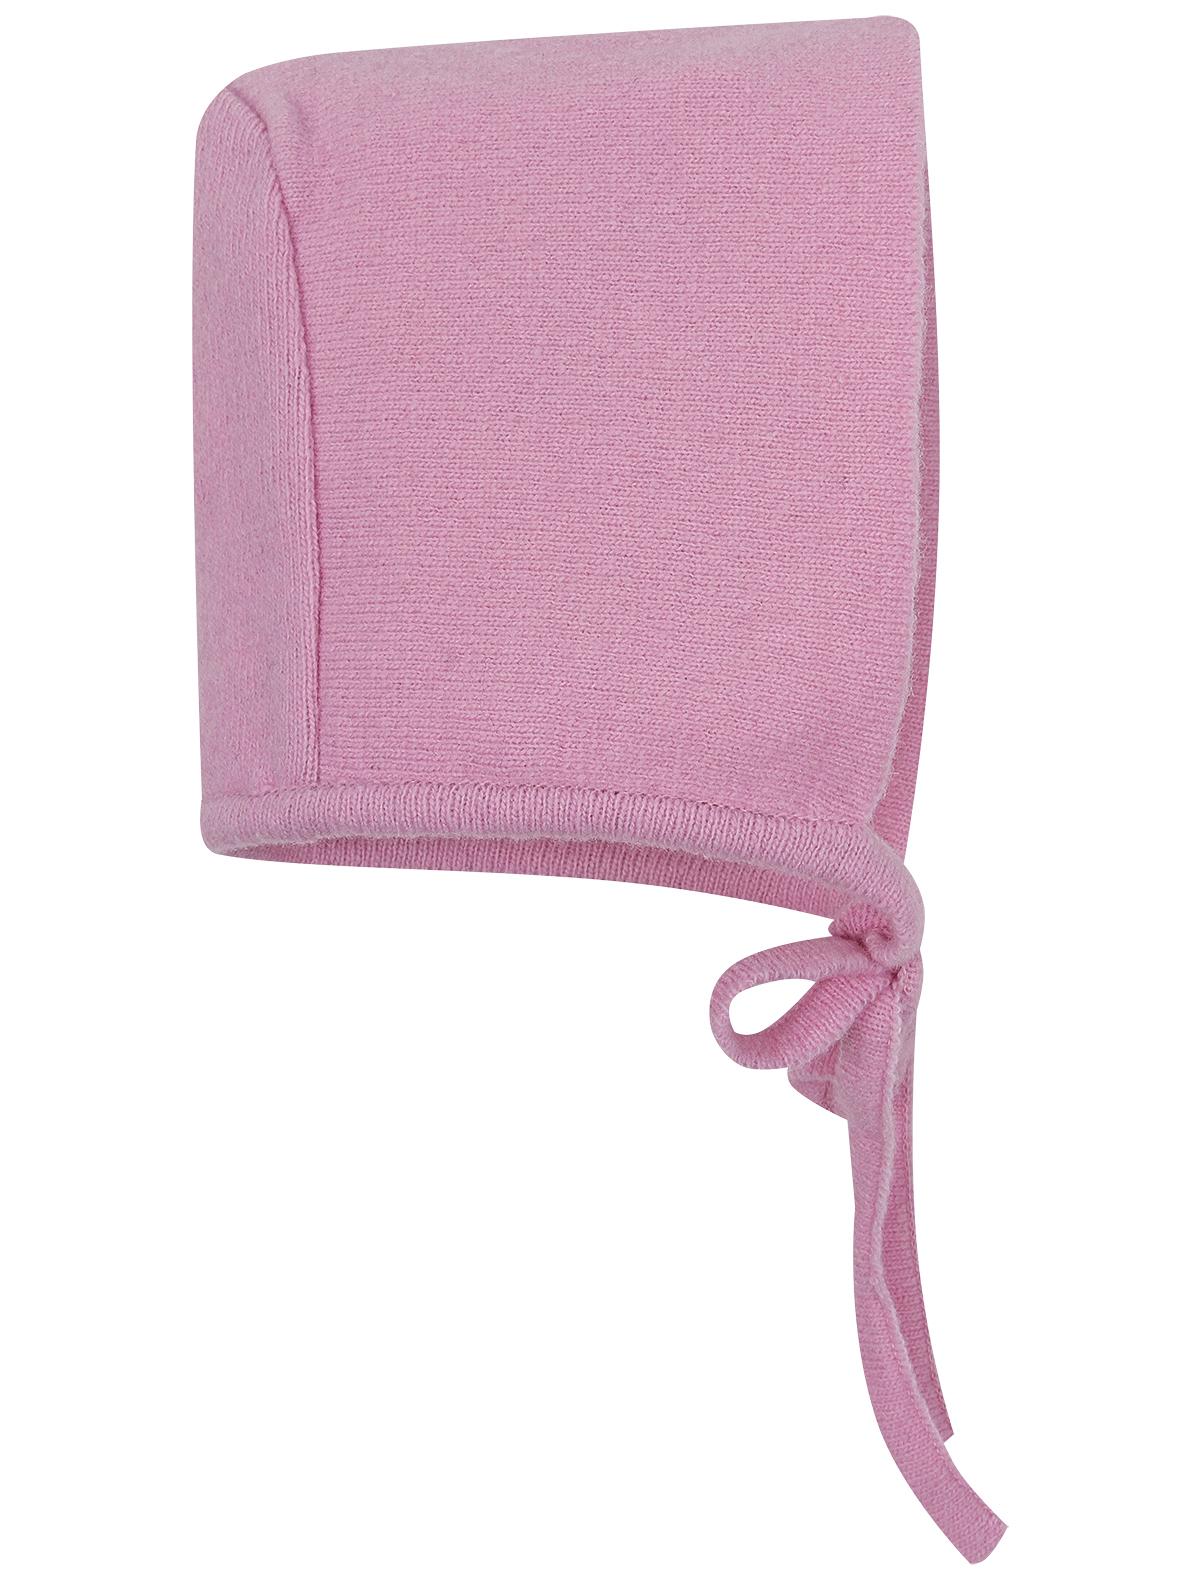 Купить 2256844, Шапка Air wool, розовый, Женский, 1354509082128